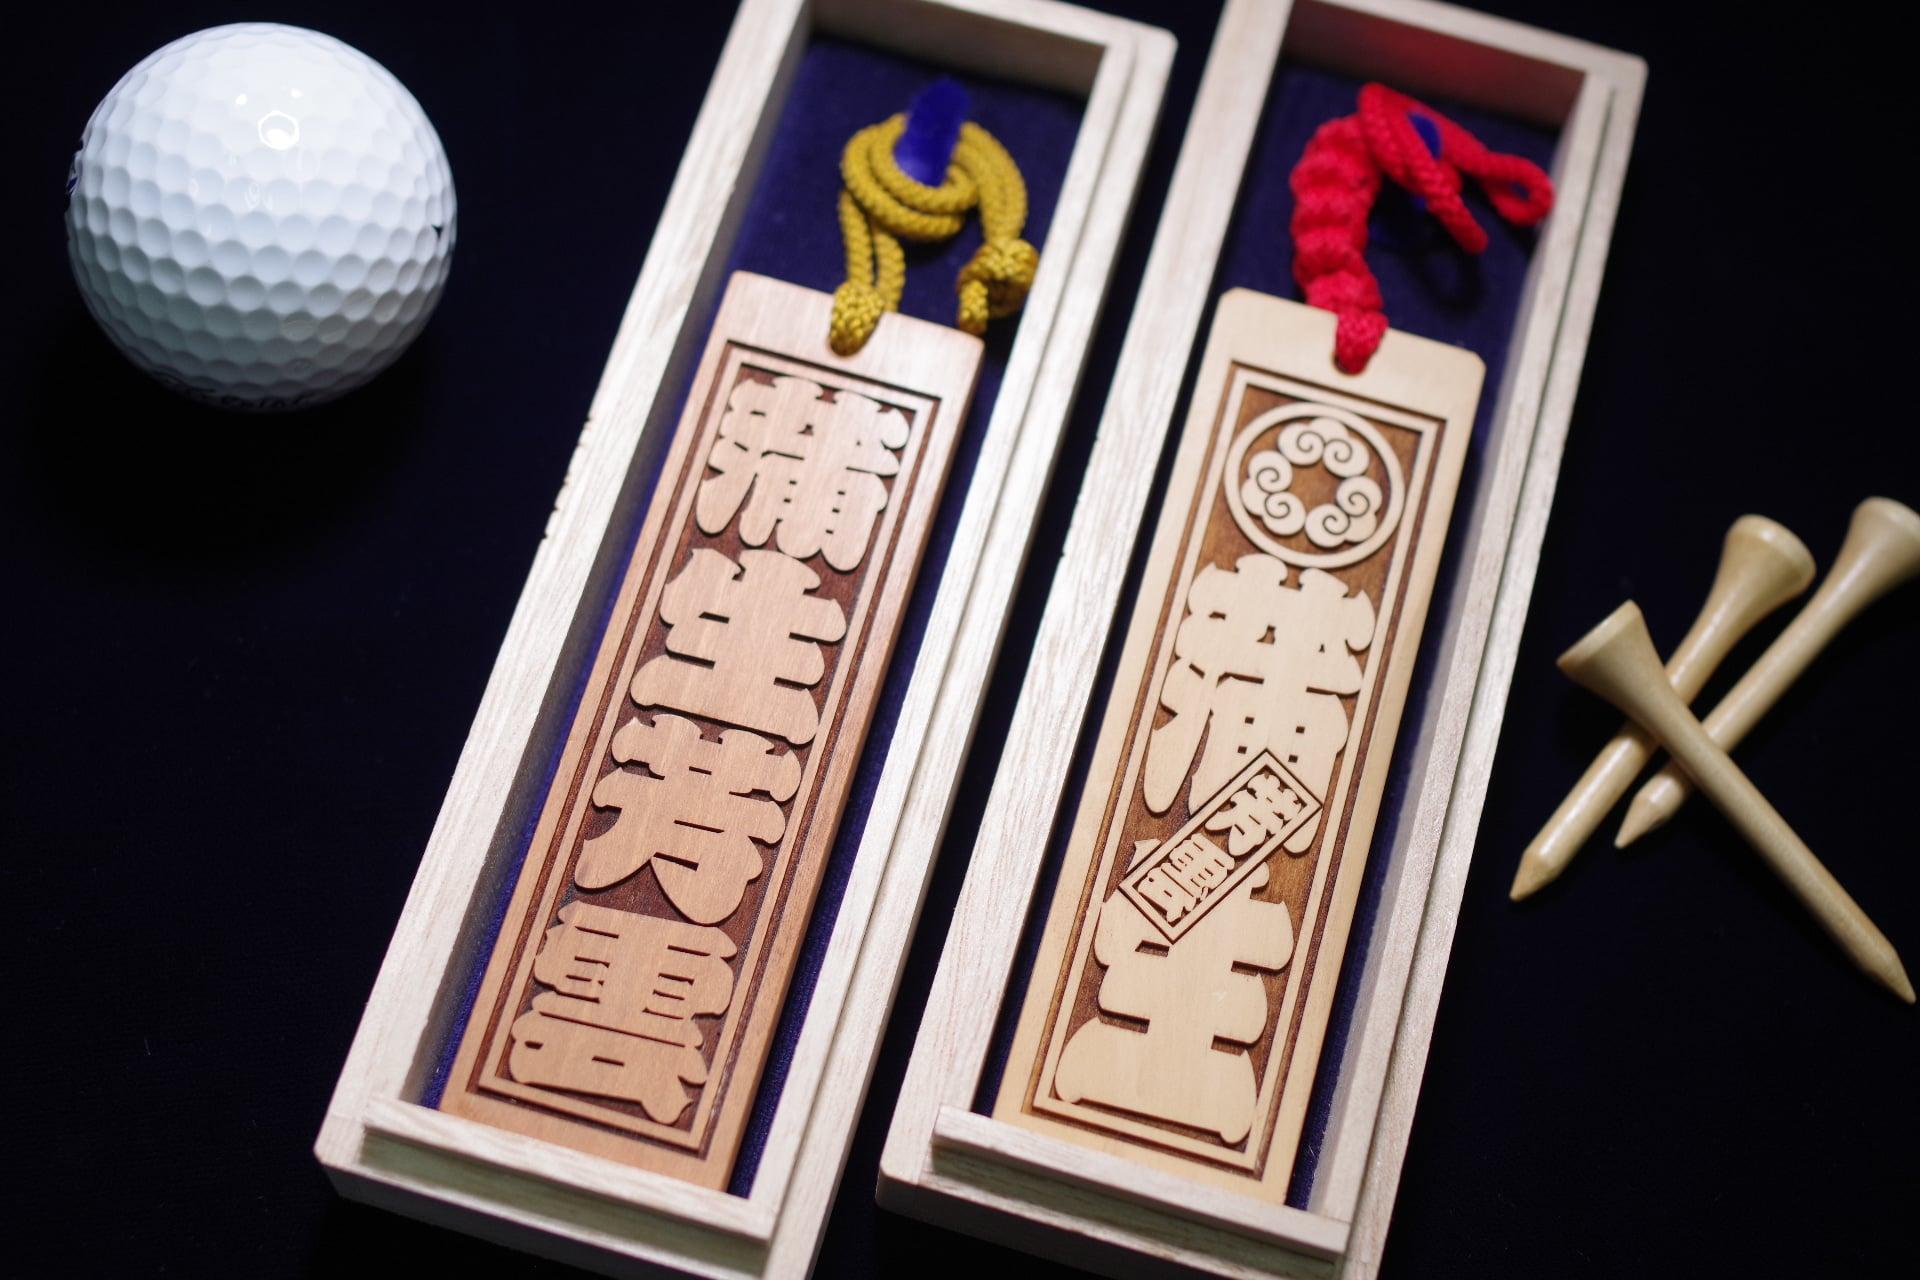 ゴルフネームタグ,和風ネームプレート木札の人気の彫刻パターン